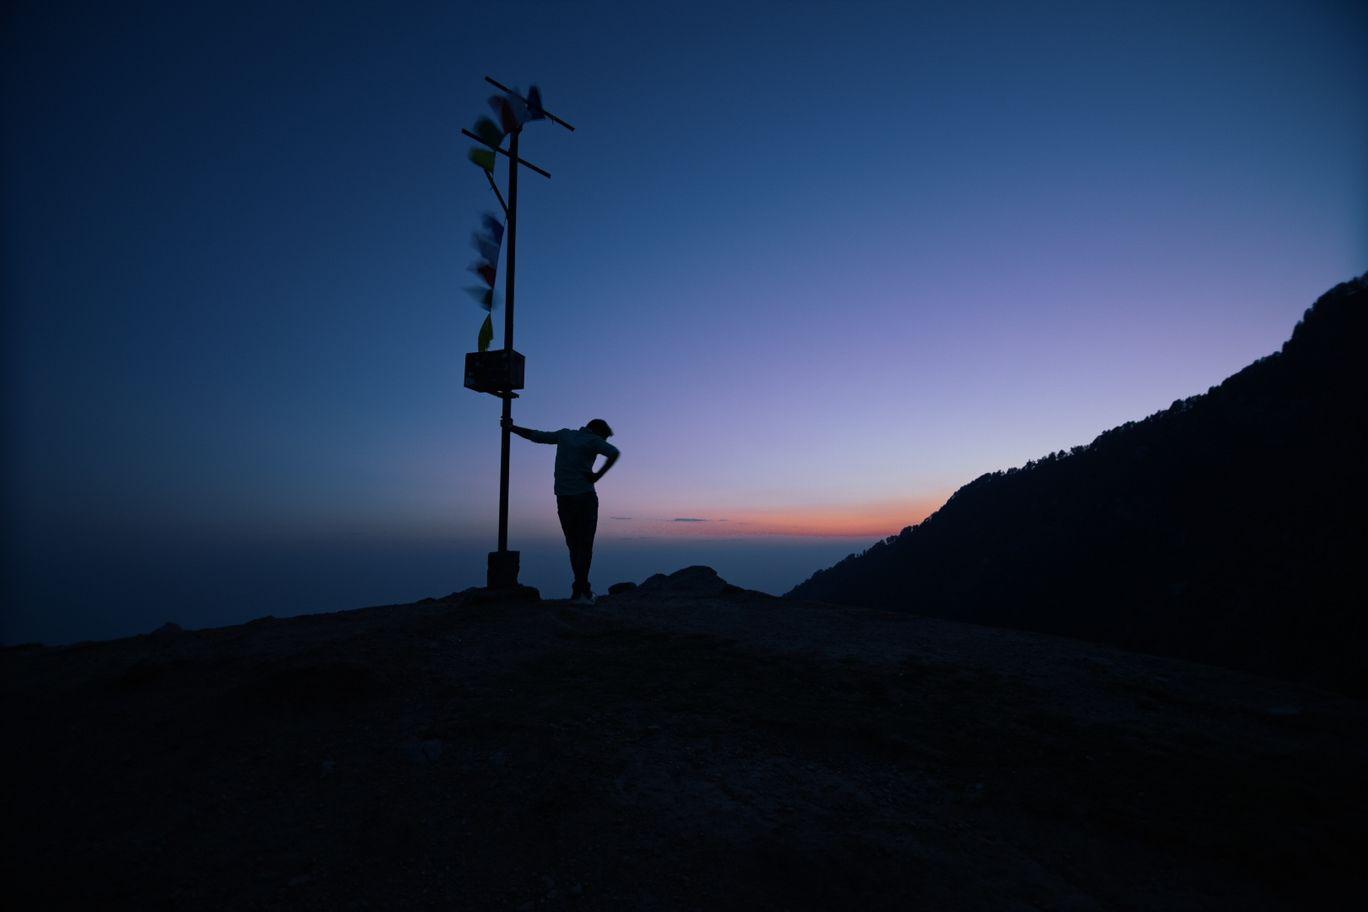 Photo of Triund Trek By Manish Kumar